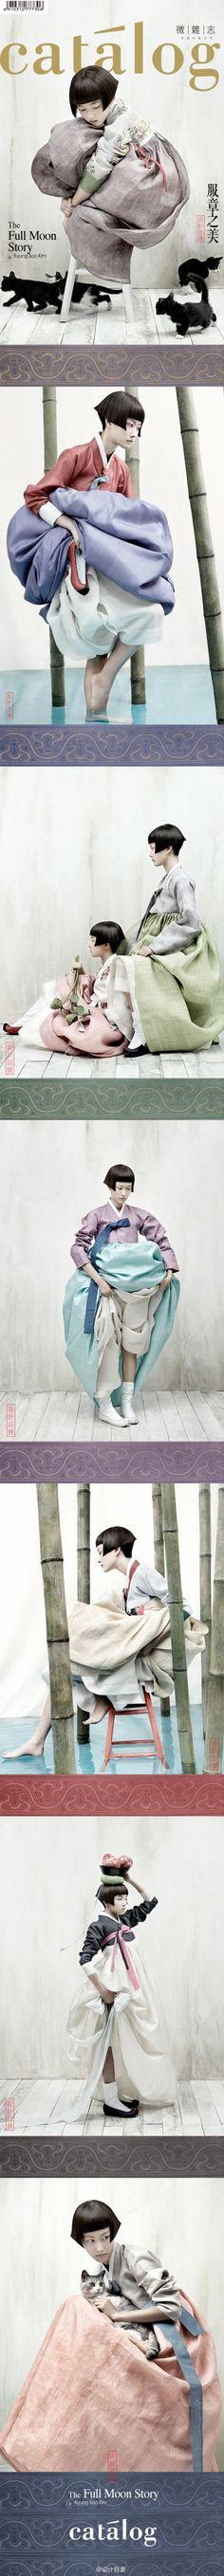 """""""每當在韓國的傳統節日中秋節,韓國人都會習慣穿上韓服。我想要表達一種即詩意而又現代的氛圍,一個中性的場景,只有光影。色彩,面孔和模特在冷光調的襯托下展現出一種近乎超現實的感覺""""攝影師Kim Kyoungsoo金錦守。想到《左傳》有言""""中國有禮儀之大故称夏,有服章之美謂之華""""。"""